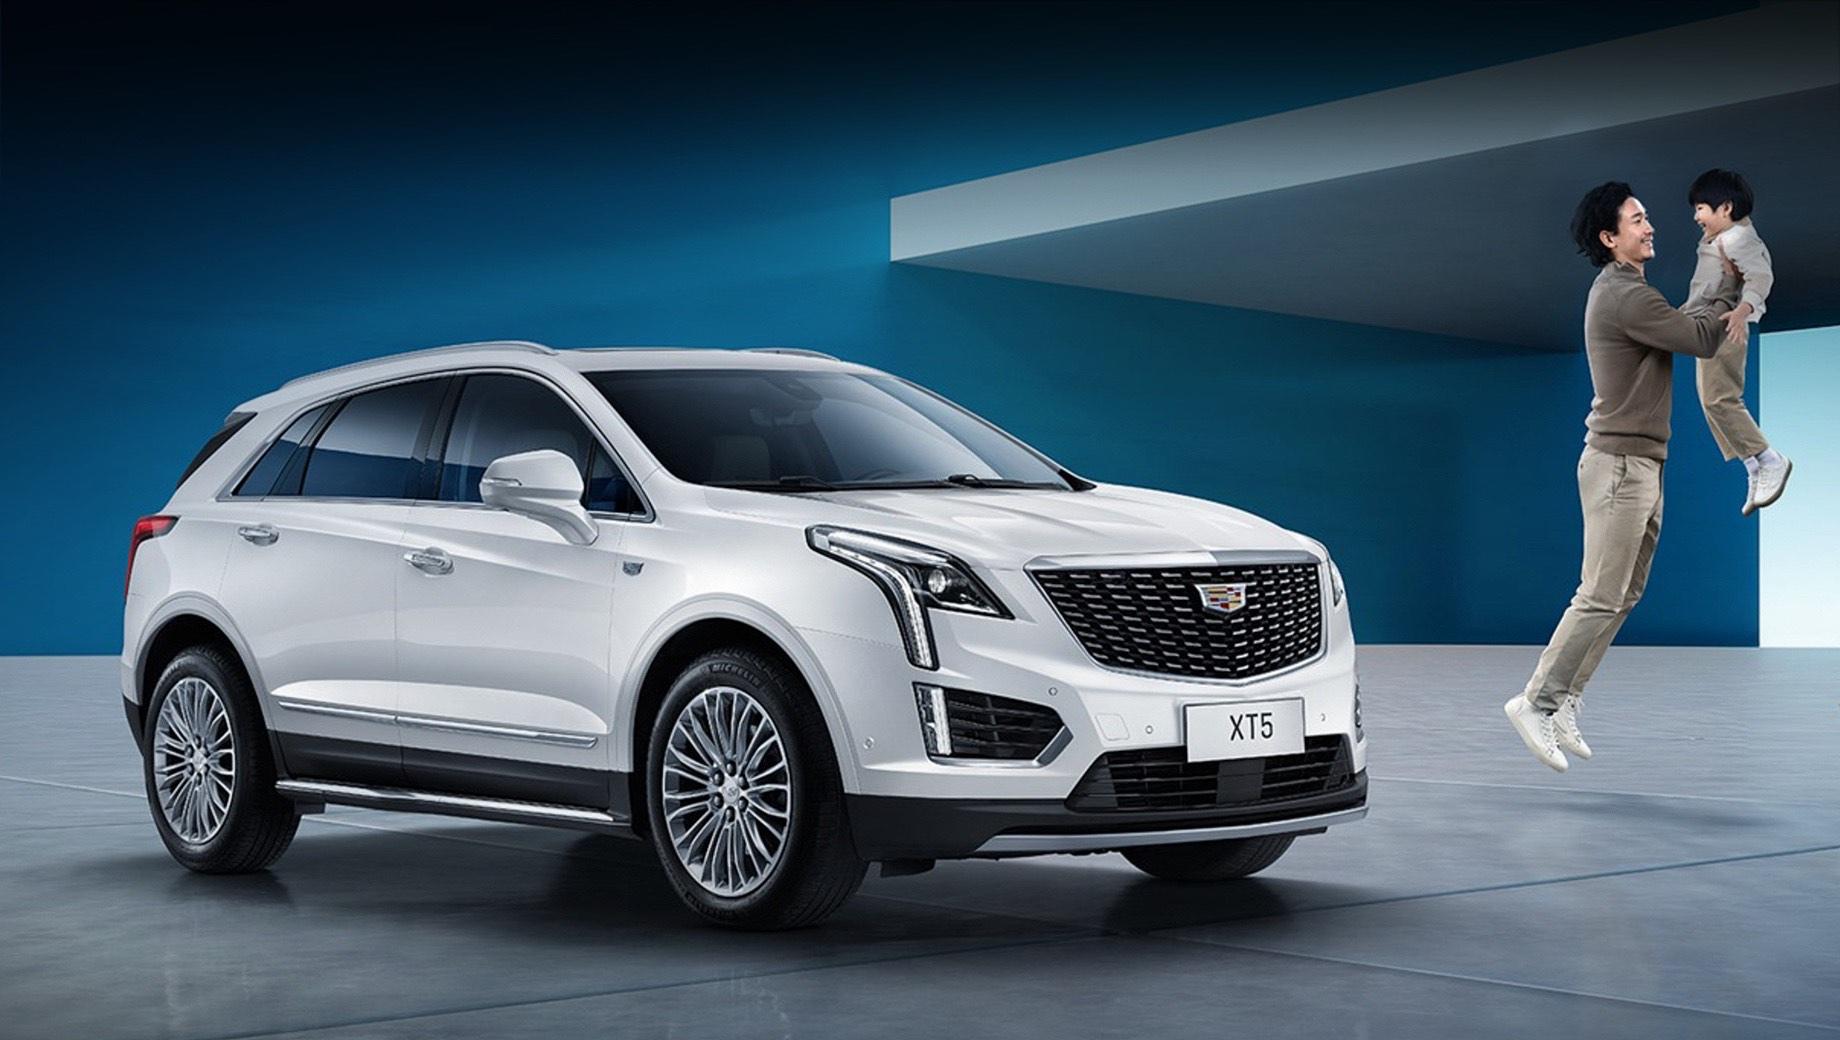 Cadillac xt5,Cadillac xt6. В Китае за Cadillac XT5 с электрической надстройкой просят от 332 700 до 472 700 юаней (от 3,8 до 4,9 млн рублей), а за более крупный XT6 — от 392 700 до 552 700 (от 4,5 до 6,3 млн).